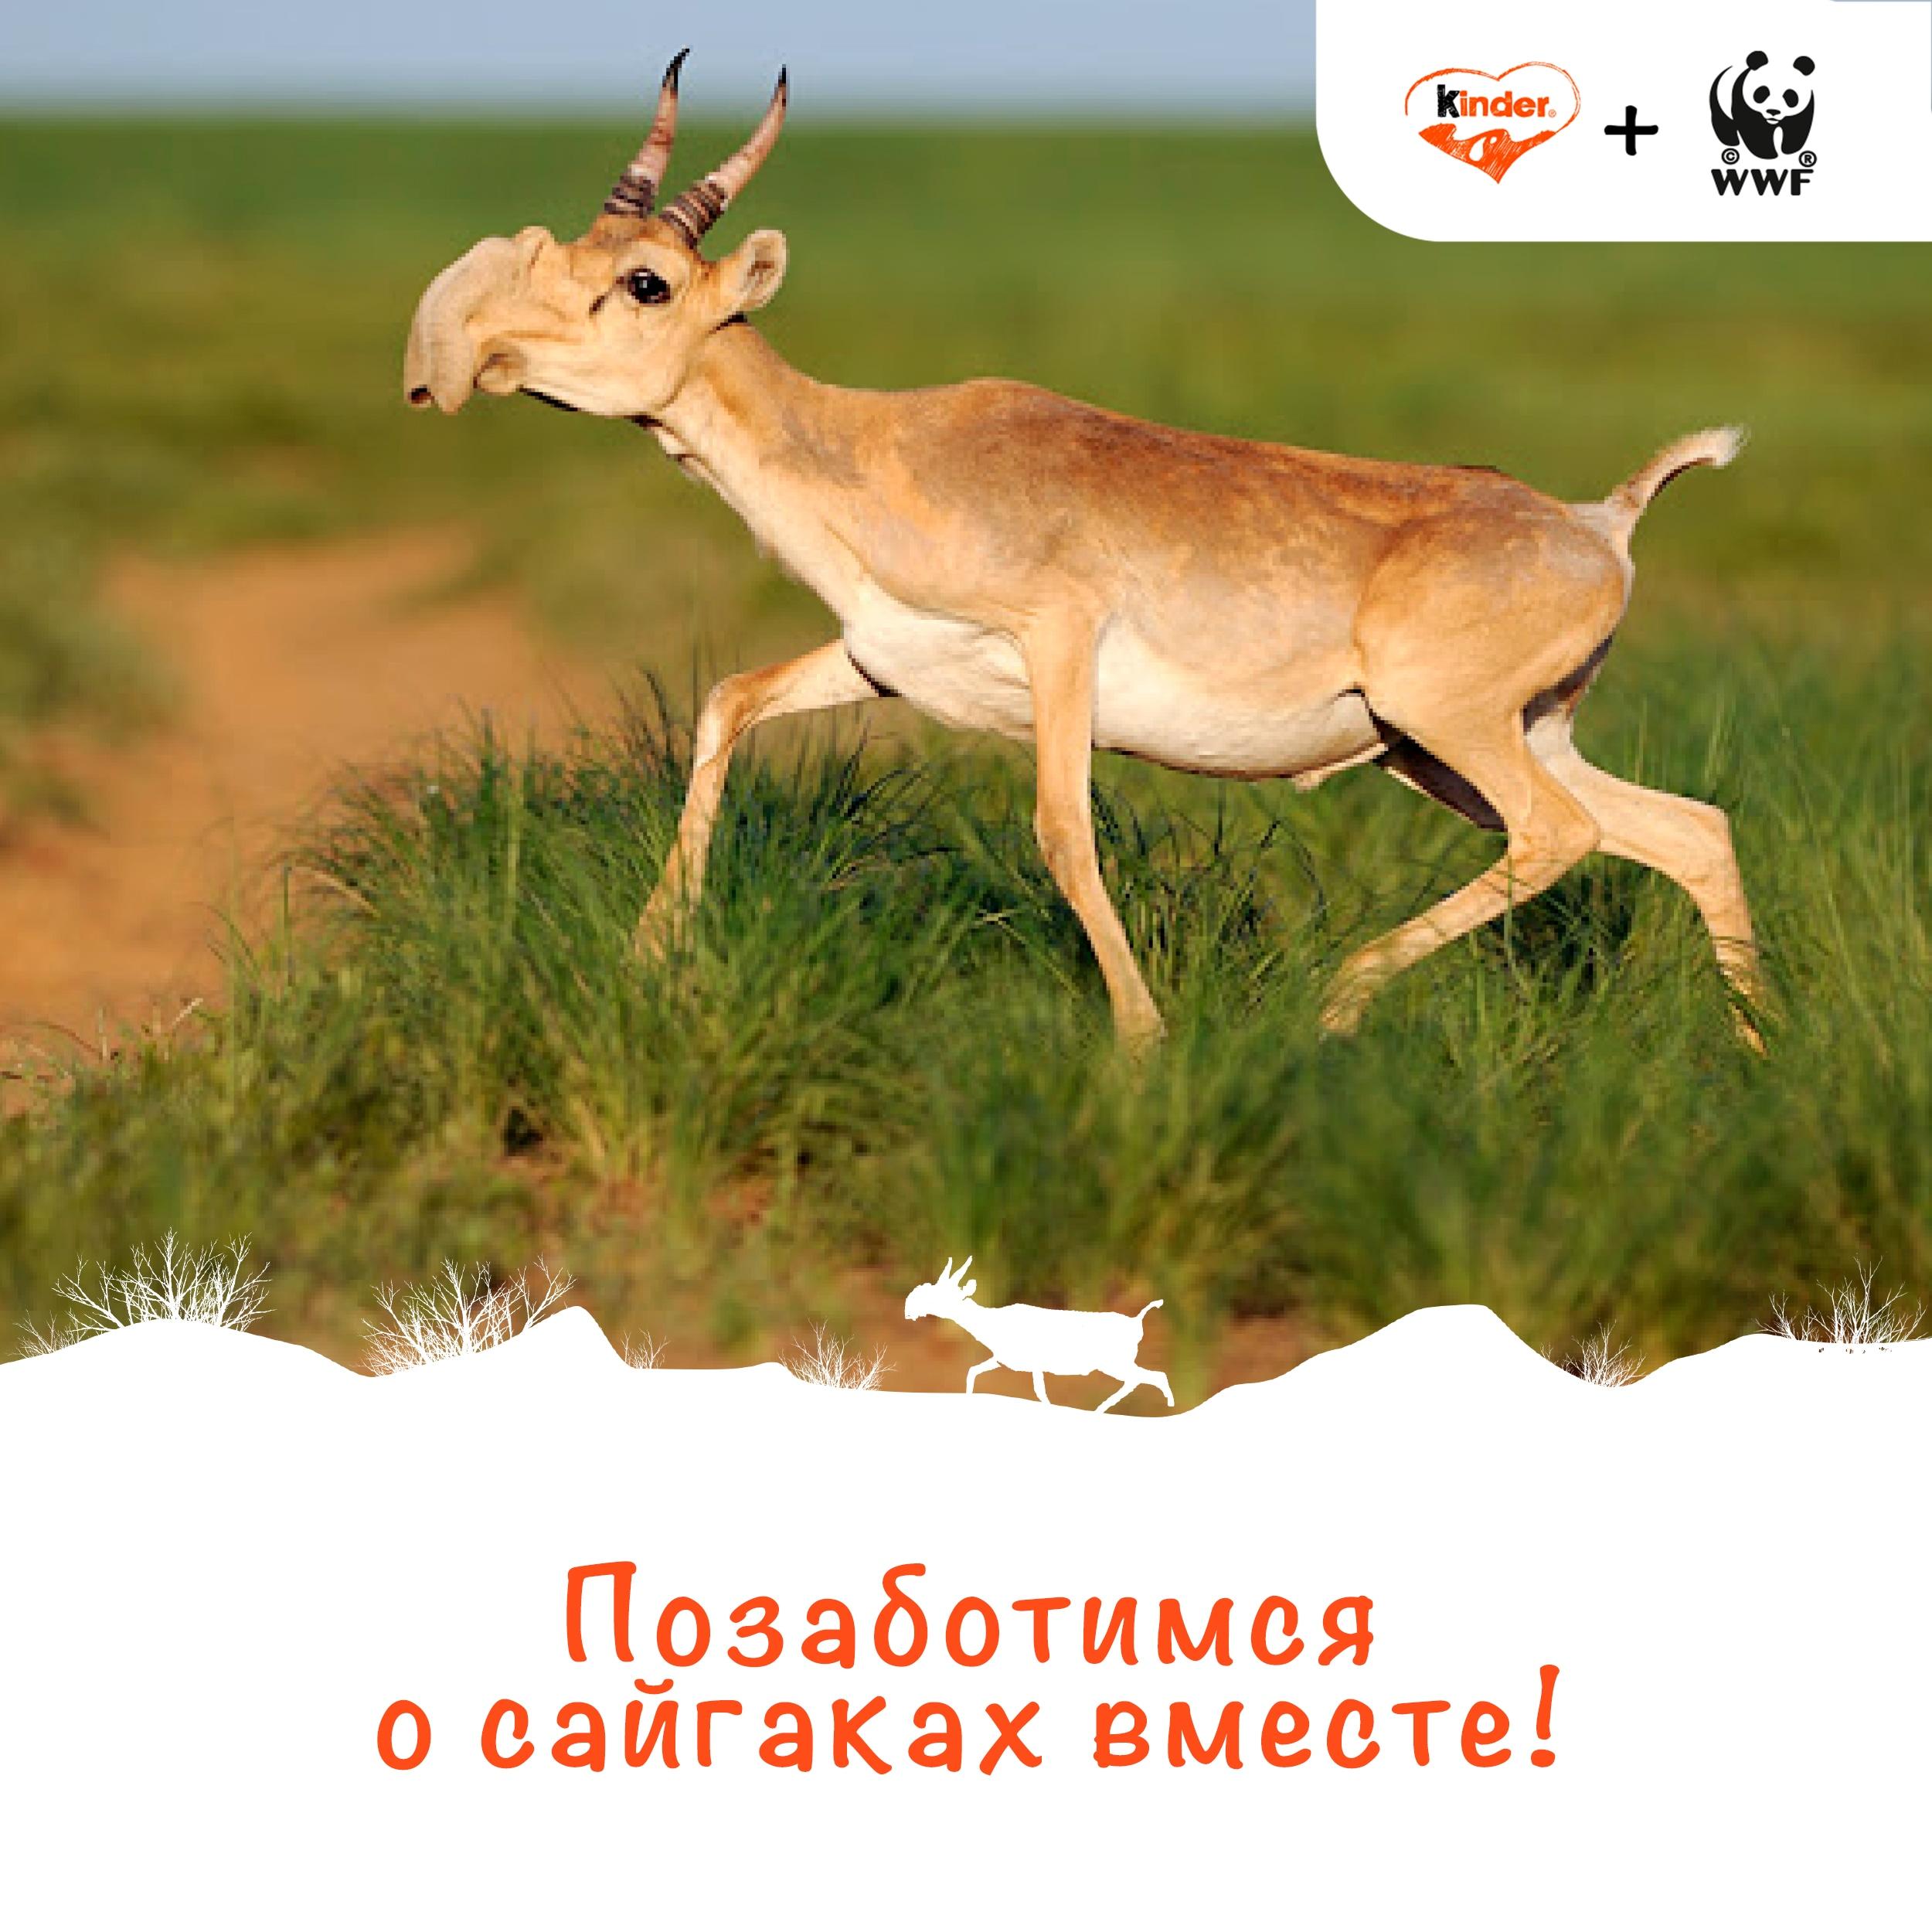 Kinder® и WWF России запустили проект «Позаботимся о сайгаках вместе!»